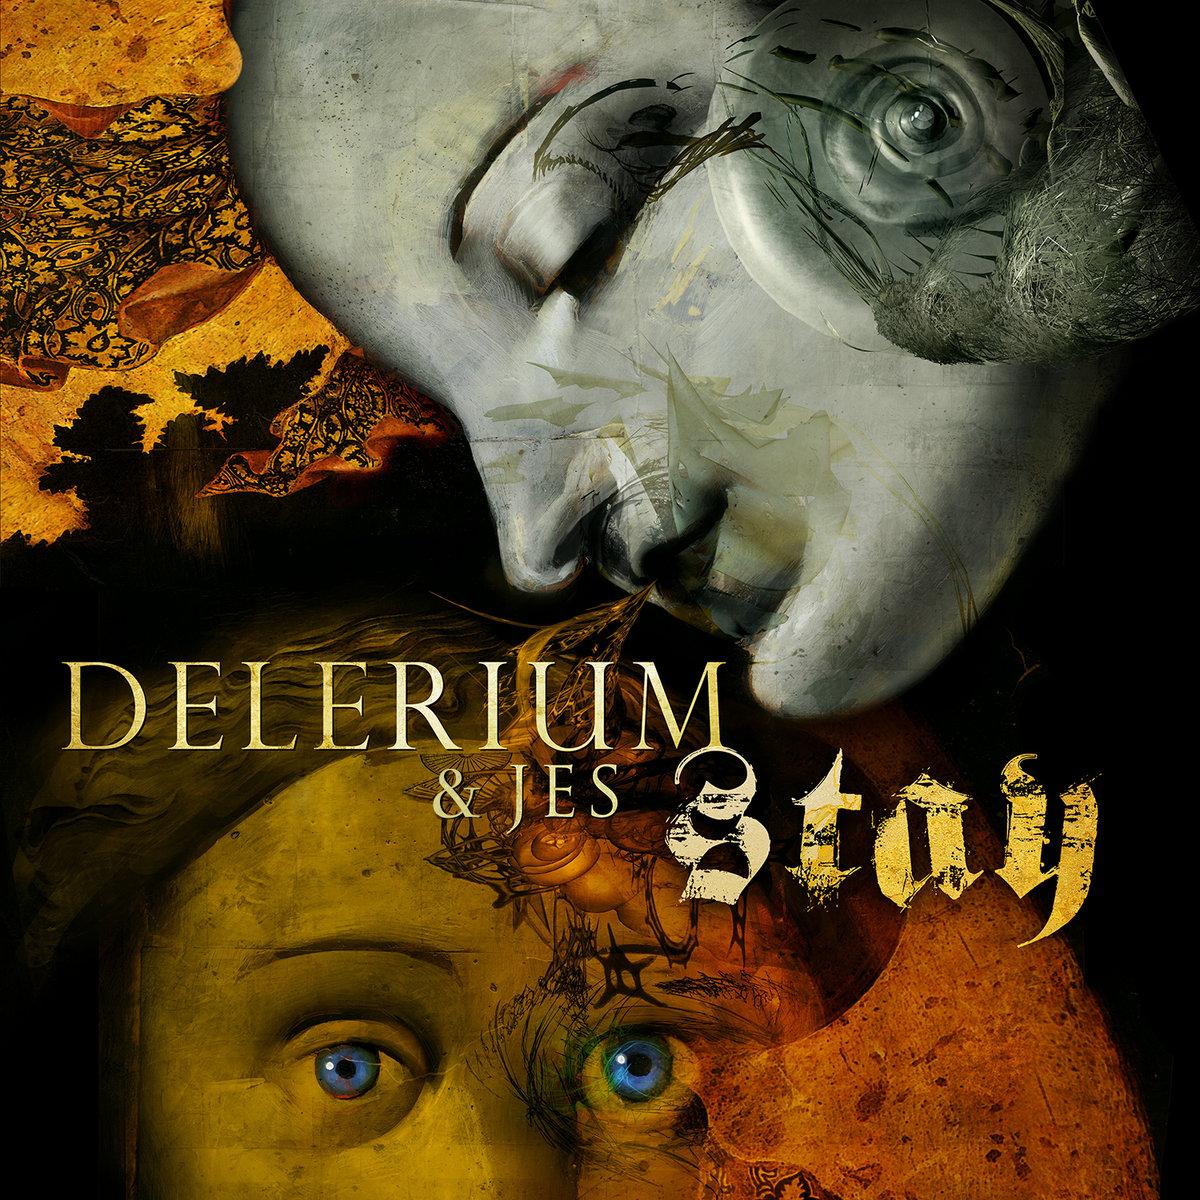 Delerium - Stay ile ilgili görsel sonucu